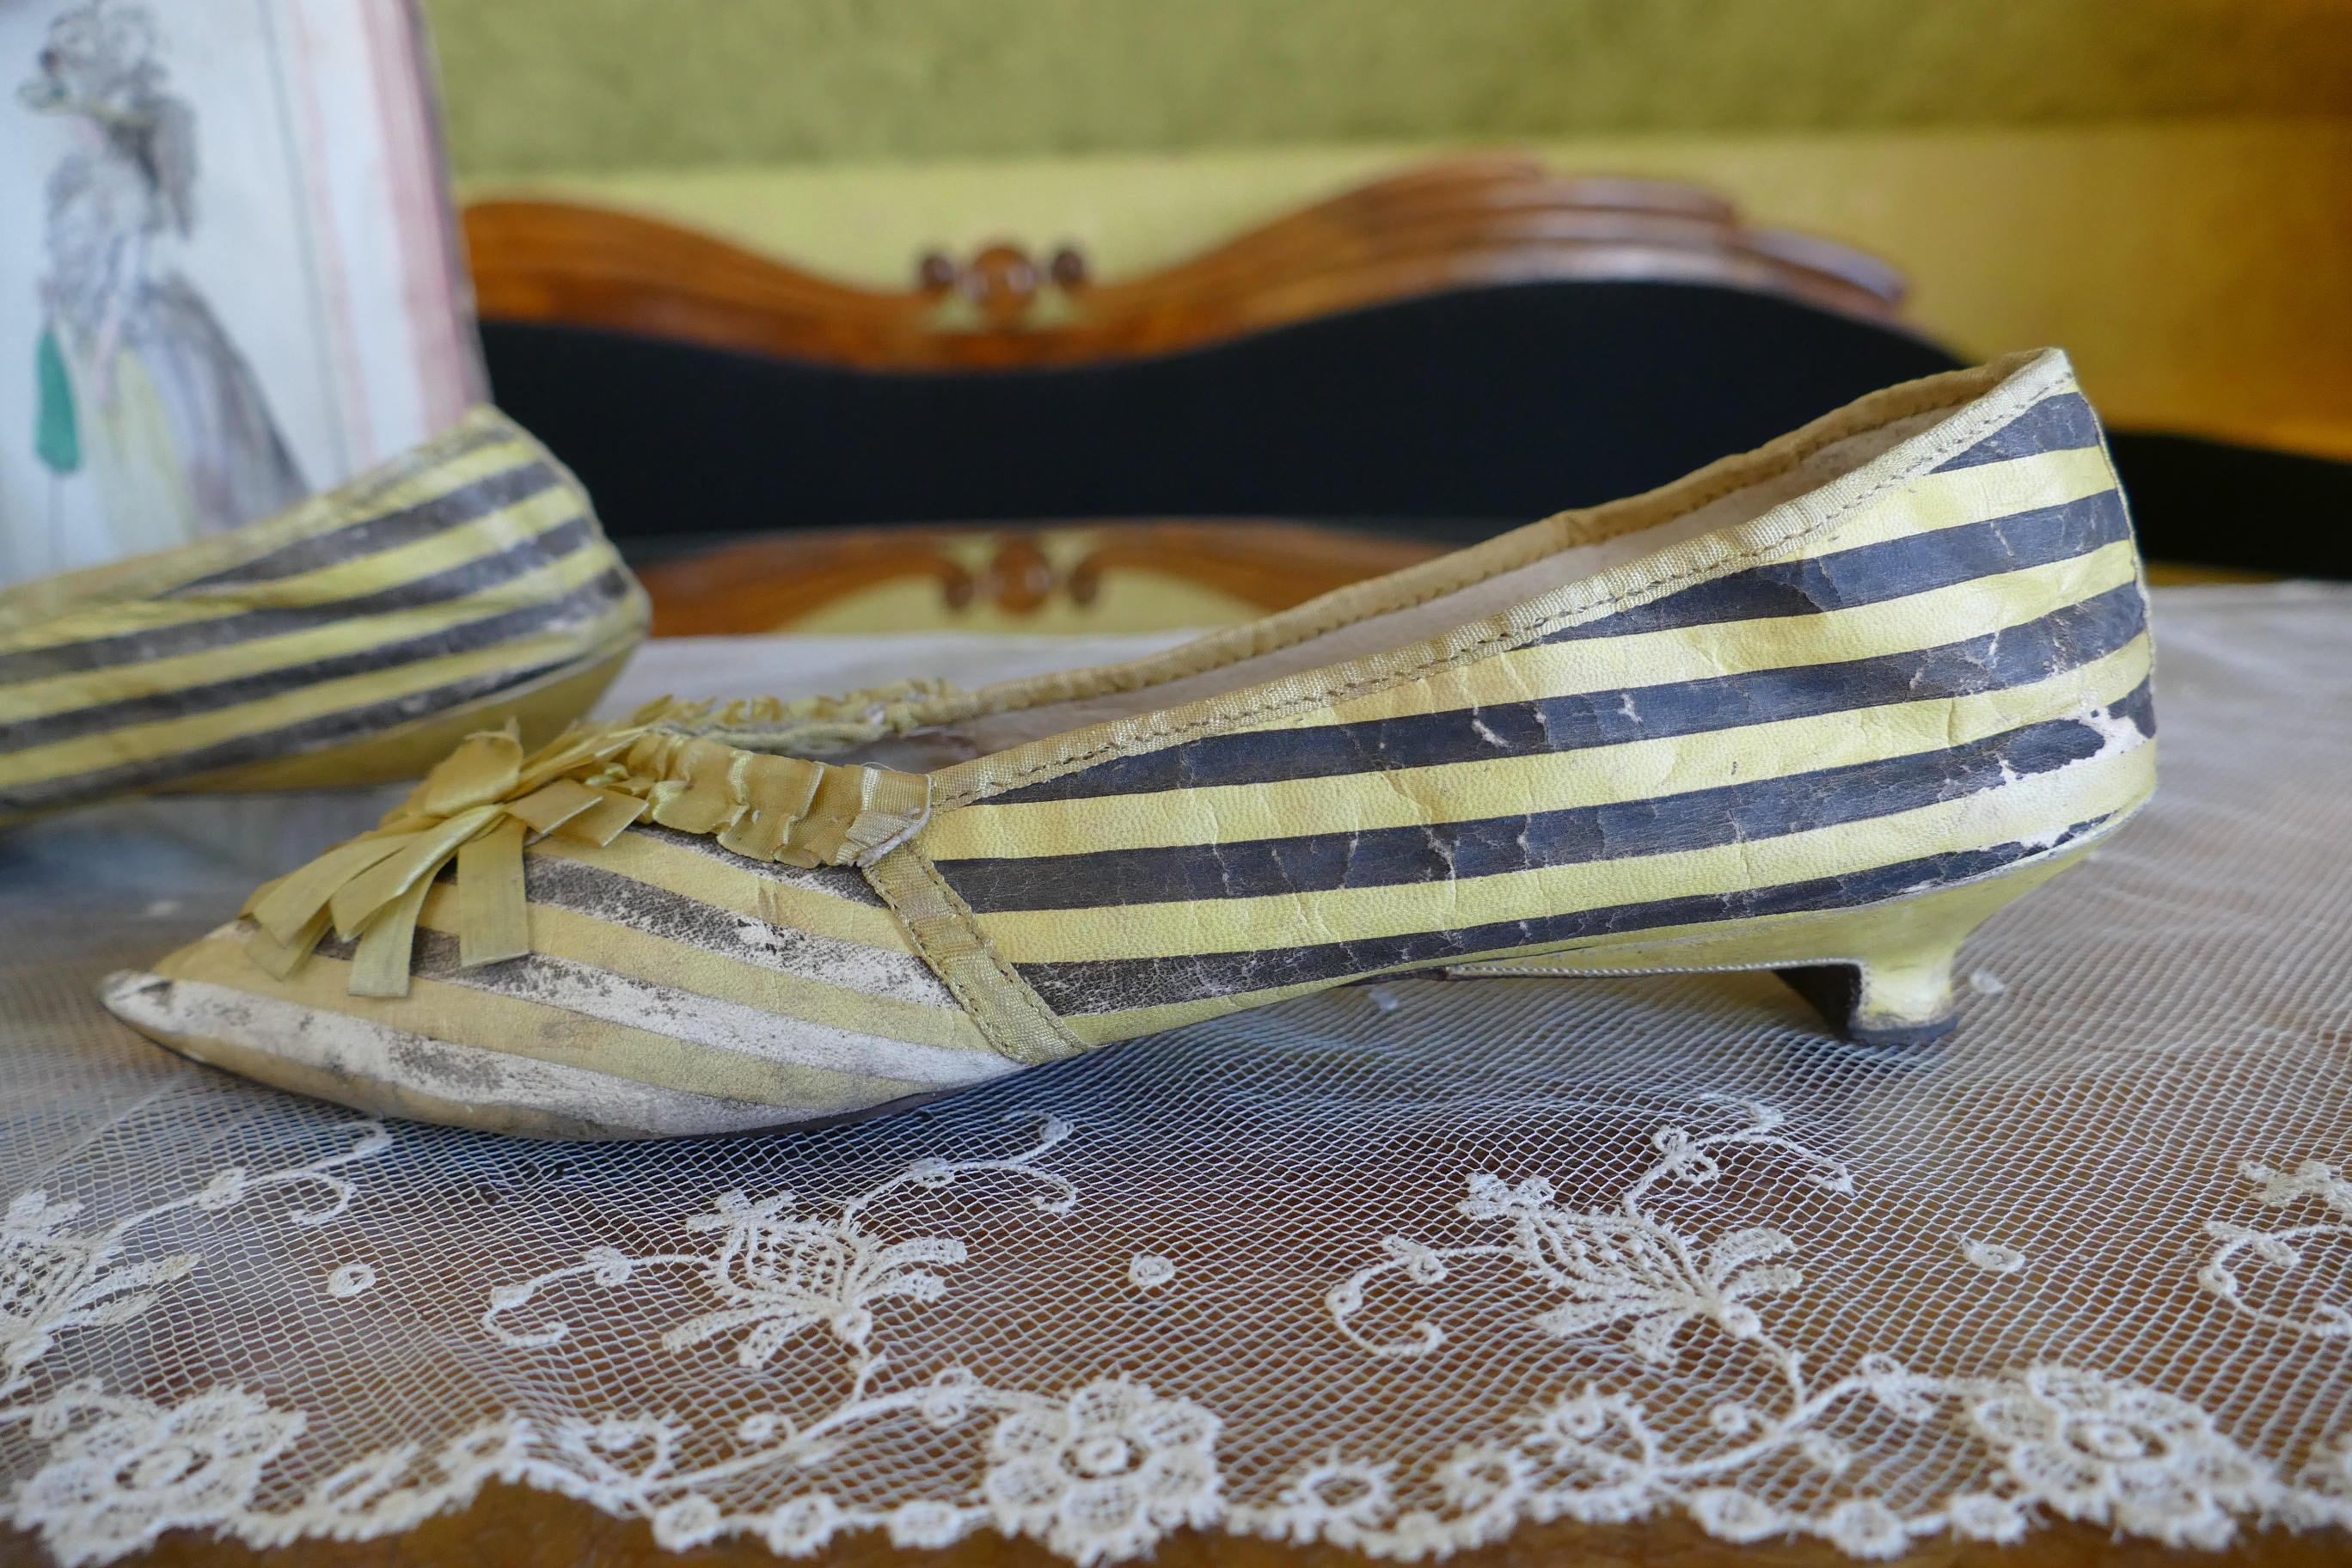 1790 Late Rococo Shoes, antique shoes, antique pumps, pumps antike Schuhe, Rokoko, antique pumps pumps, 6767fe